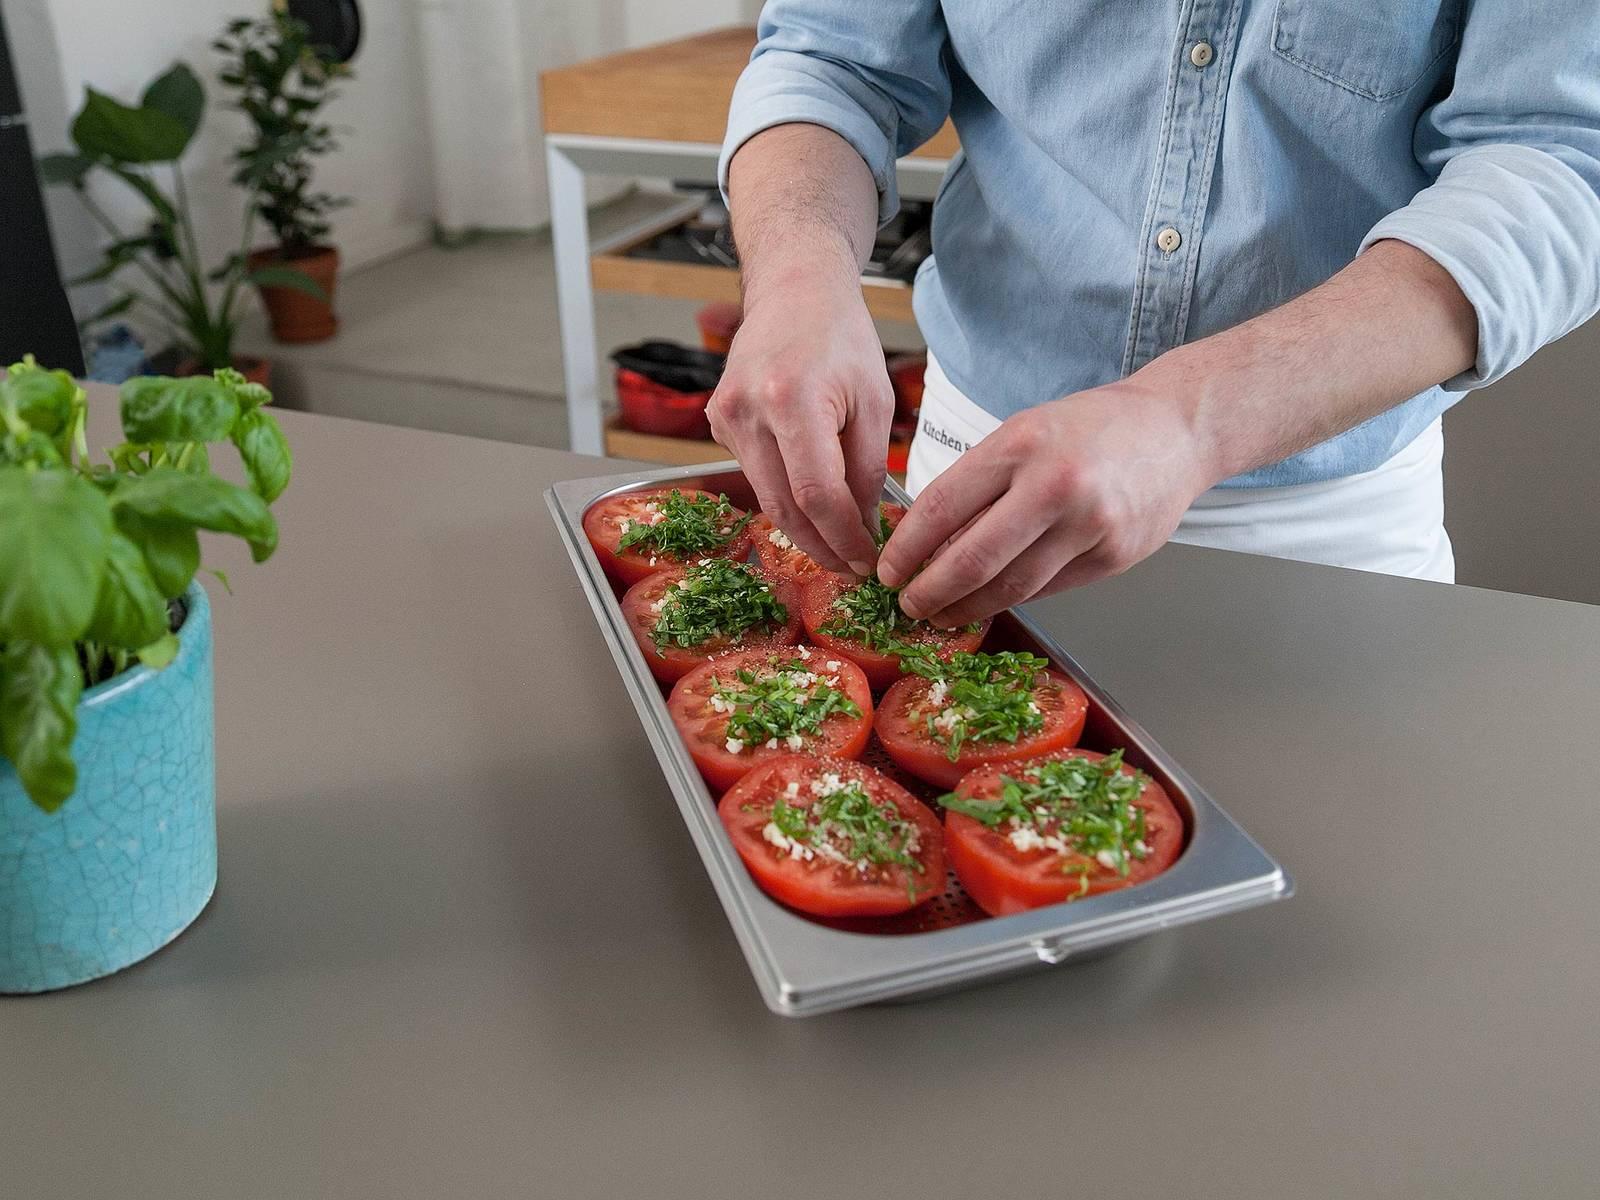 将切半的番茄放到蒸煮容器中,切面朝上。撒上蒜末,撒盐与胡椒调味,铺上罗勒叶和菲达芝士。